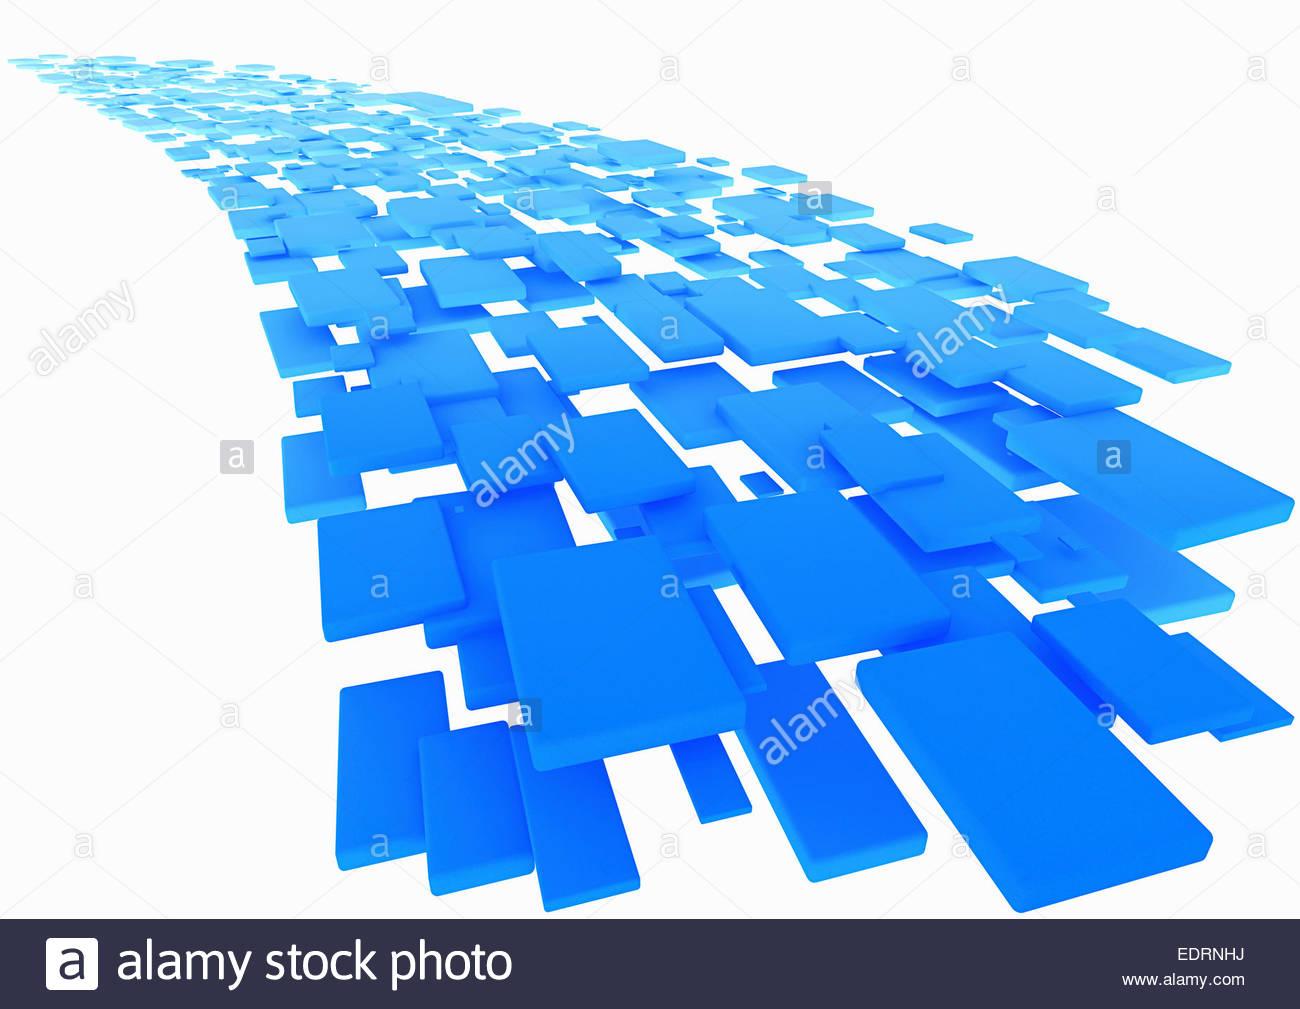 Abstract rettangoli blu che scorre su sfondo bianco Immagini Stock